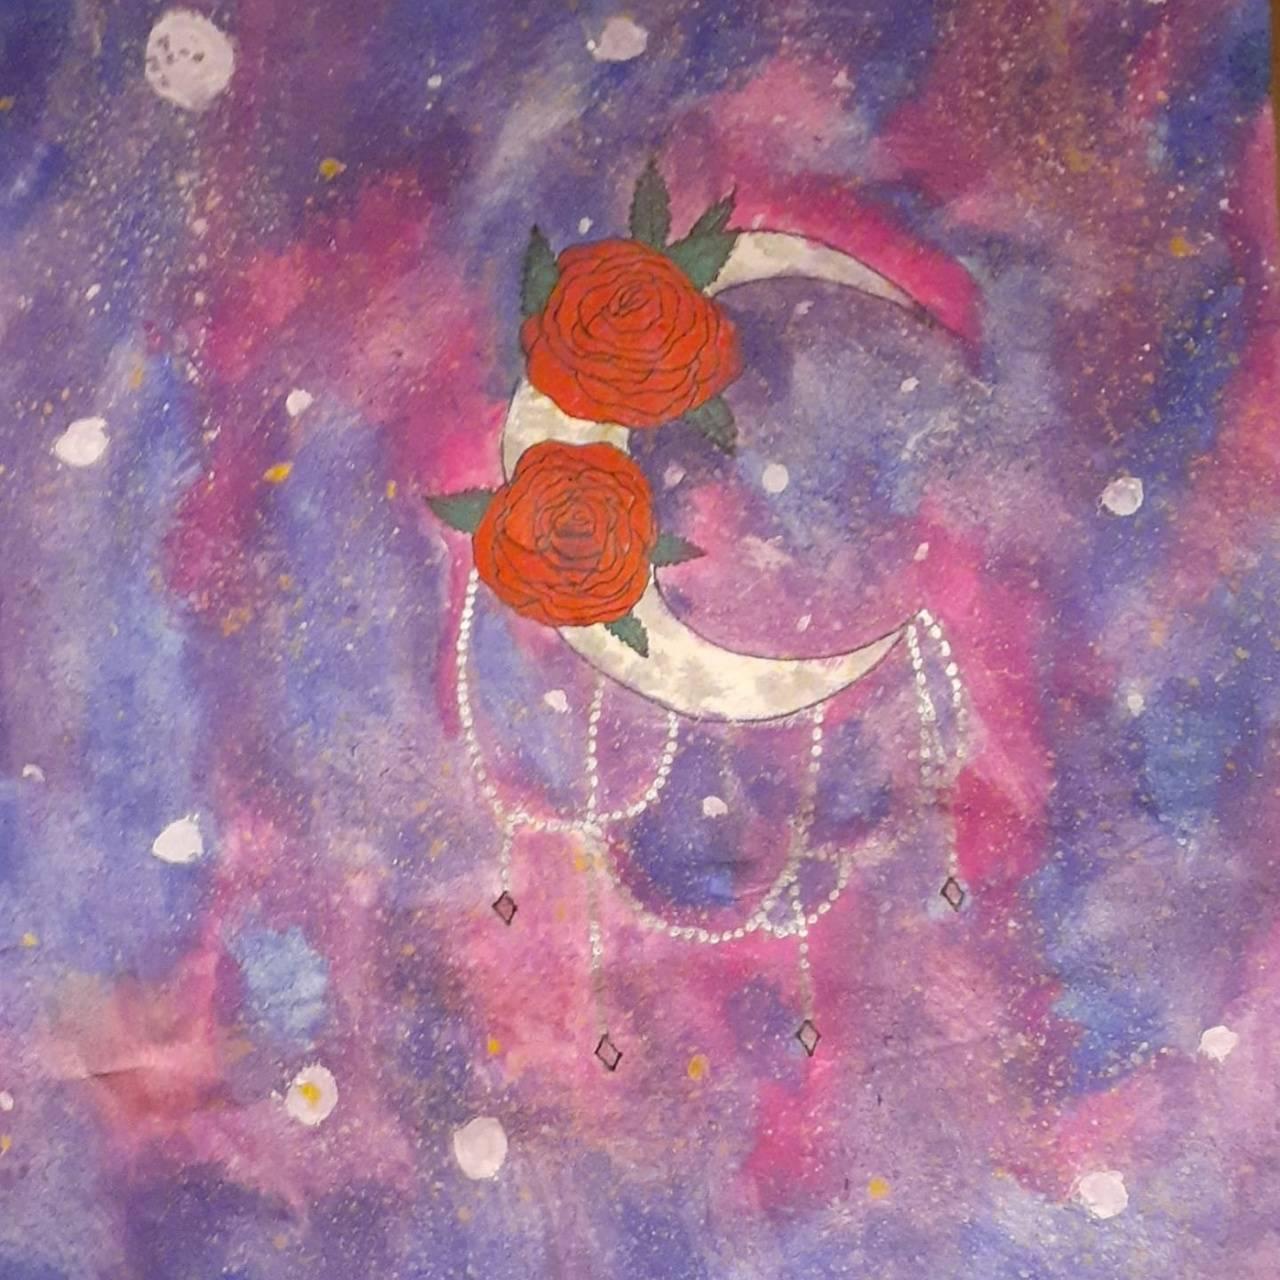 Galaxy Rose garden